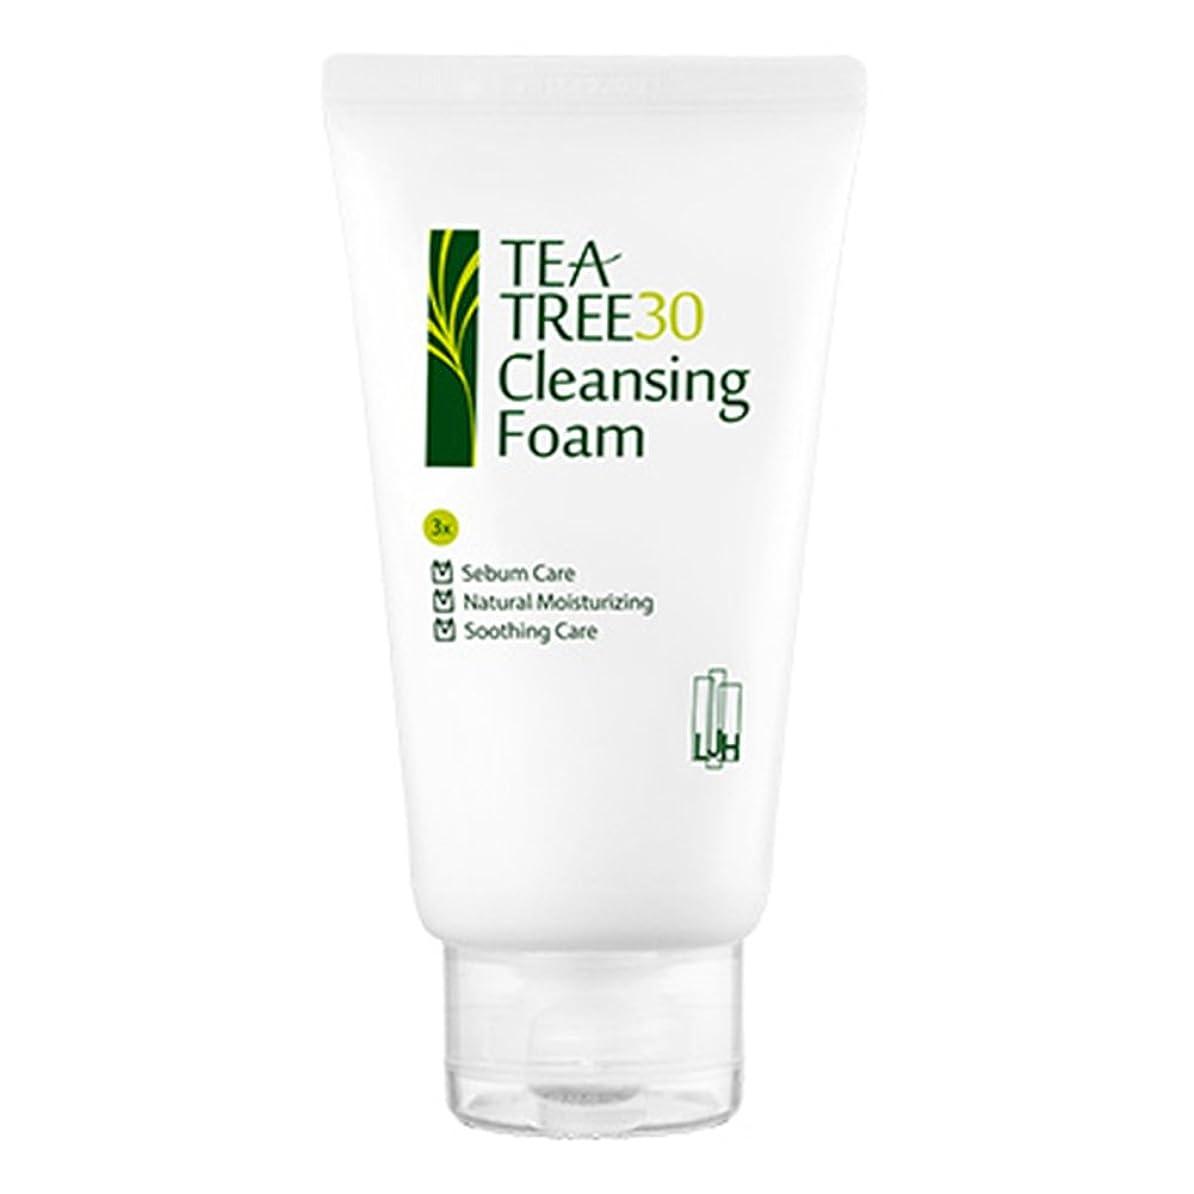 ブラウン通知しかしながら(イジハム) LeeGeeHaam Tea tree 30 Cleansing Foam 150ml (海外直送品)